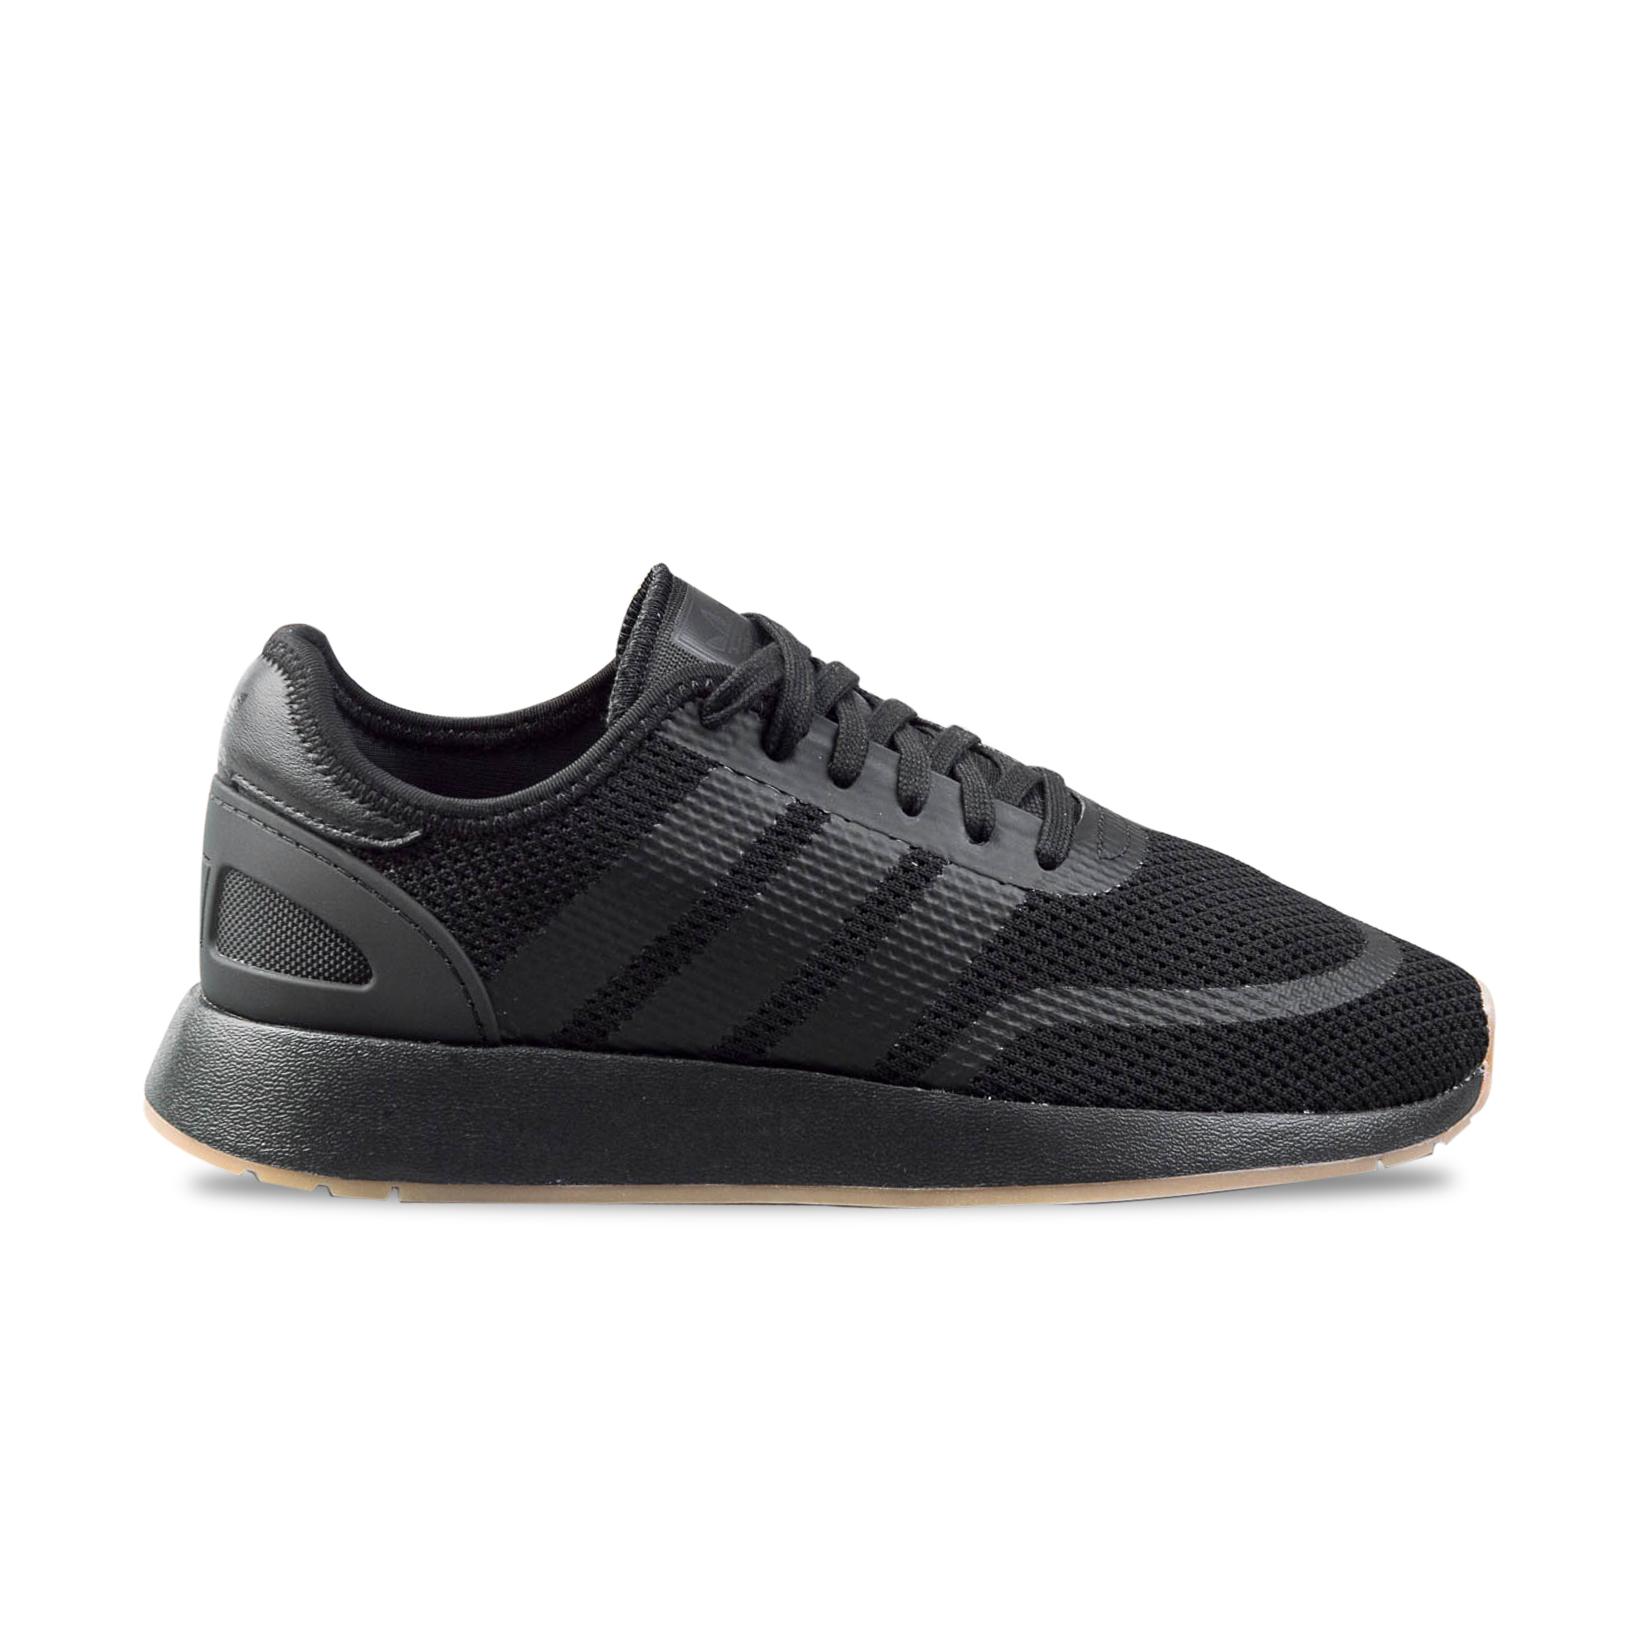 Adidas Originals N-5923 Black